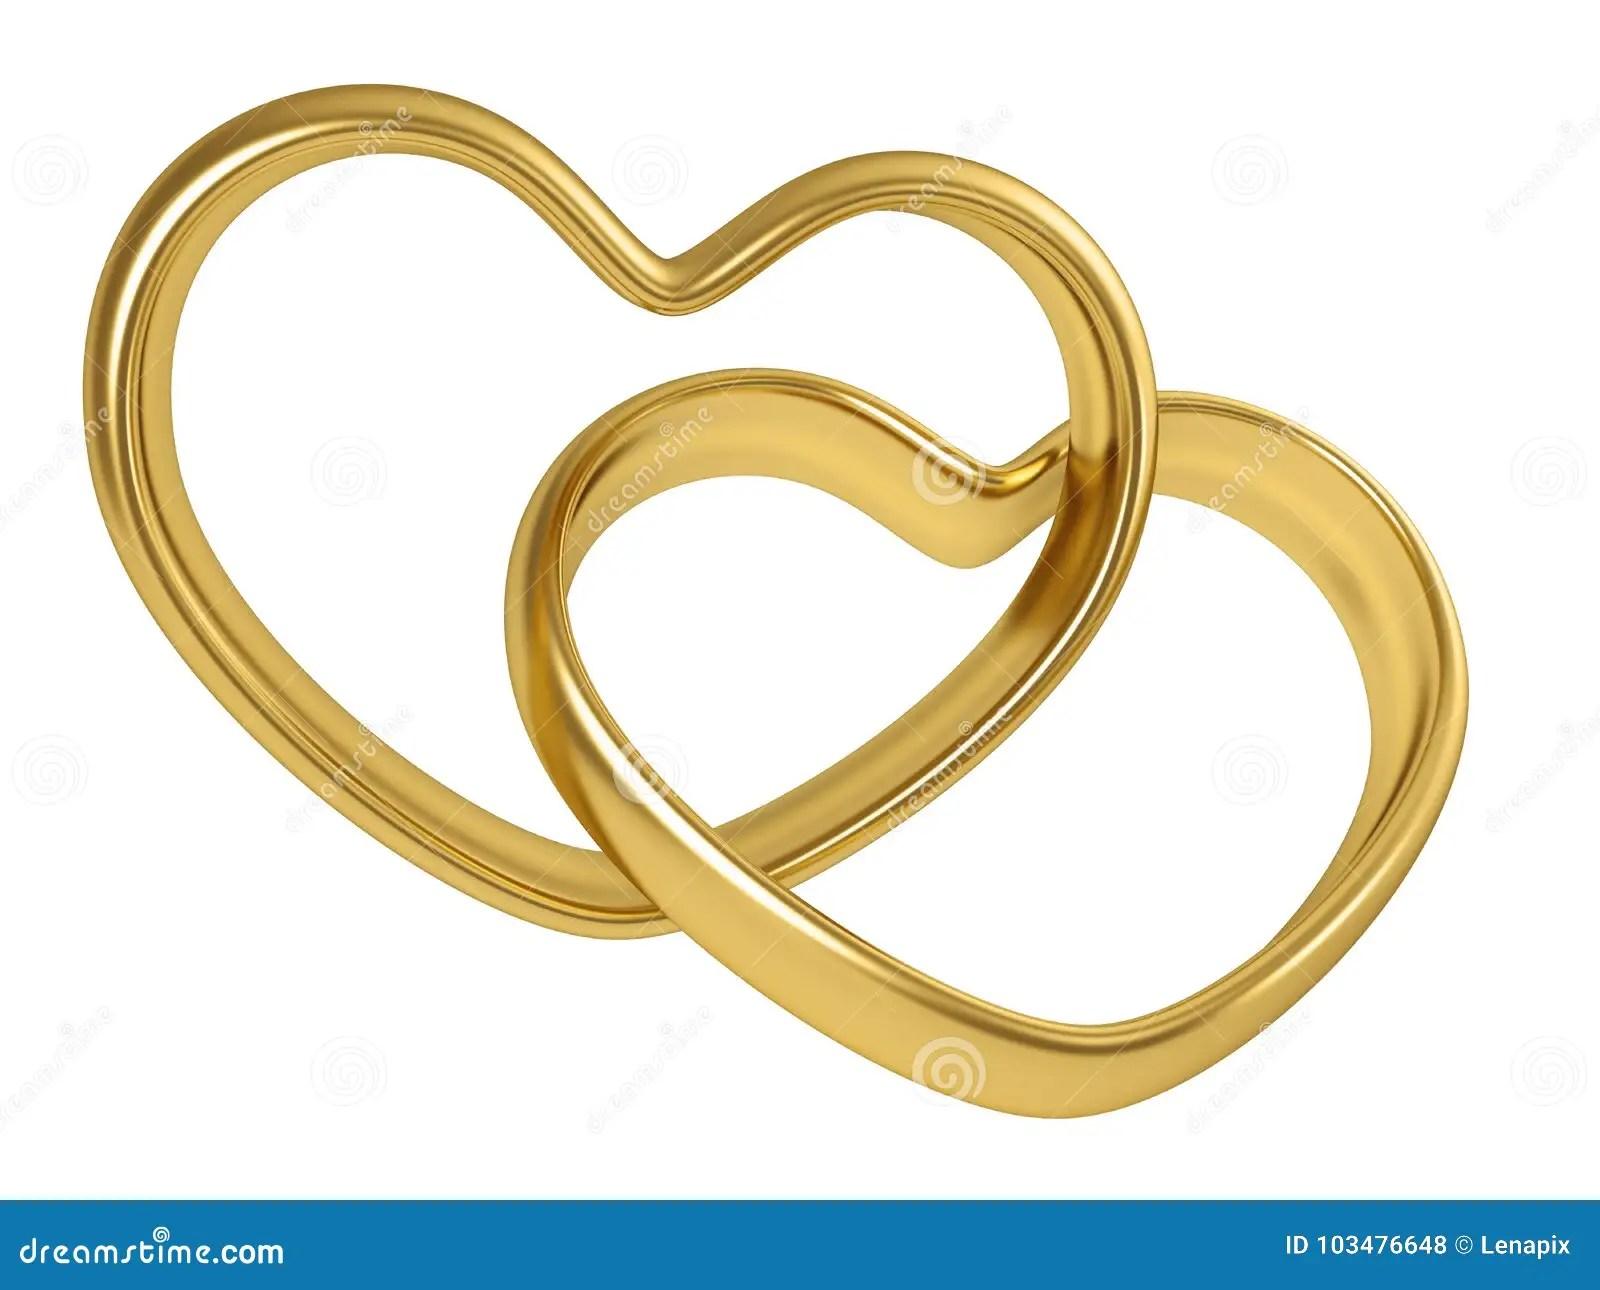 Goldene Ringe 2 Stock Illustrationen Vektors  Klipart